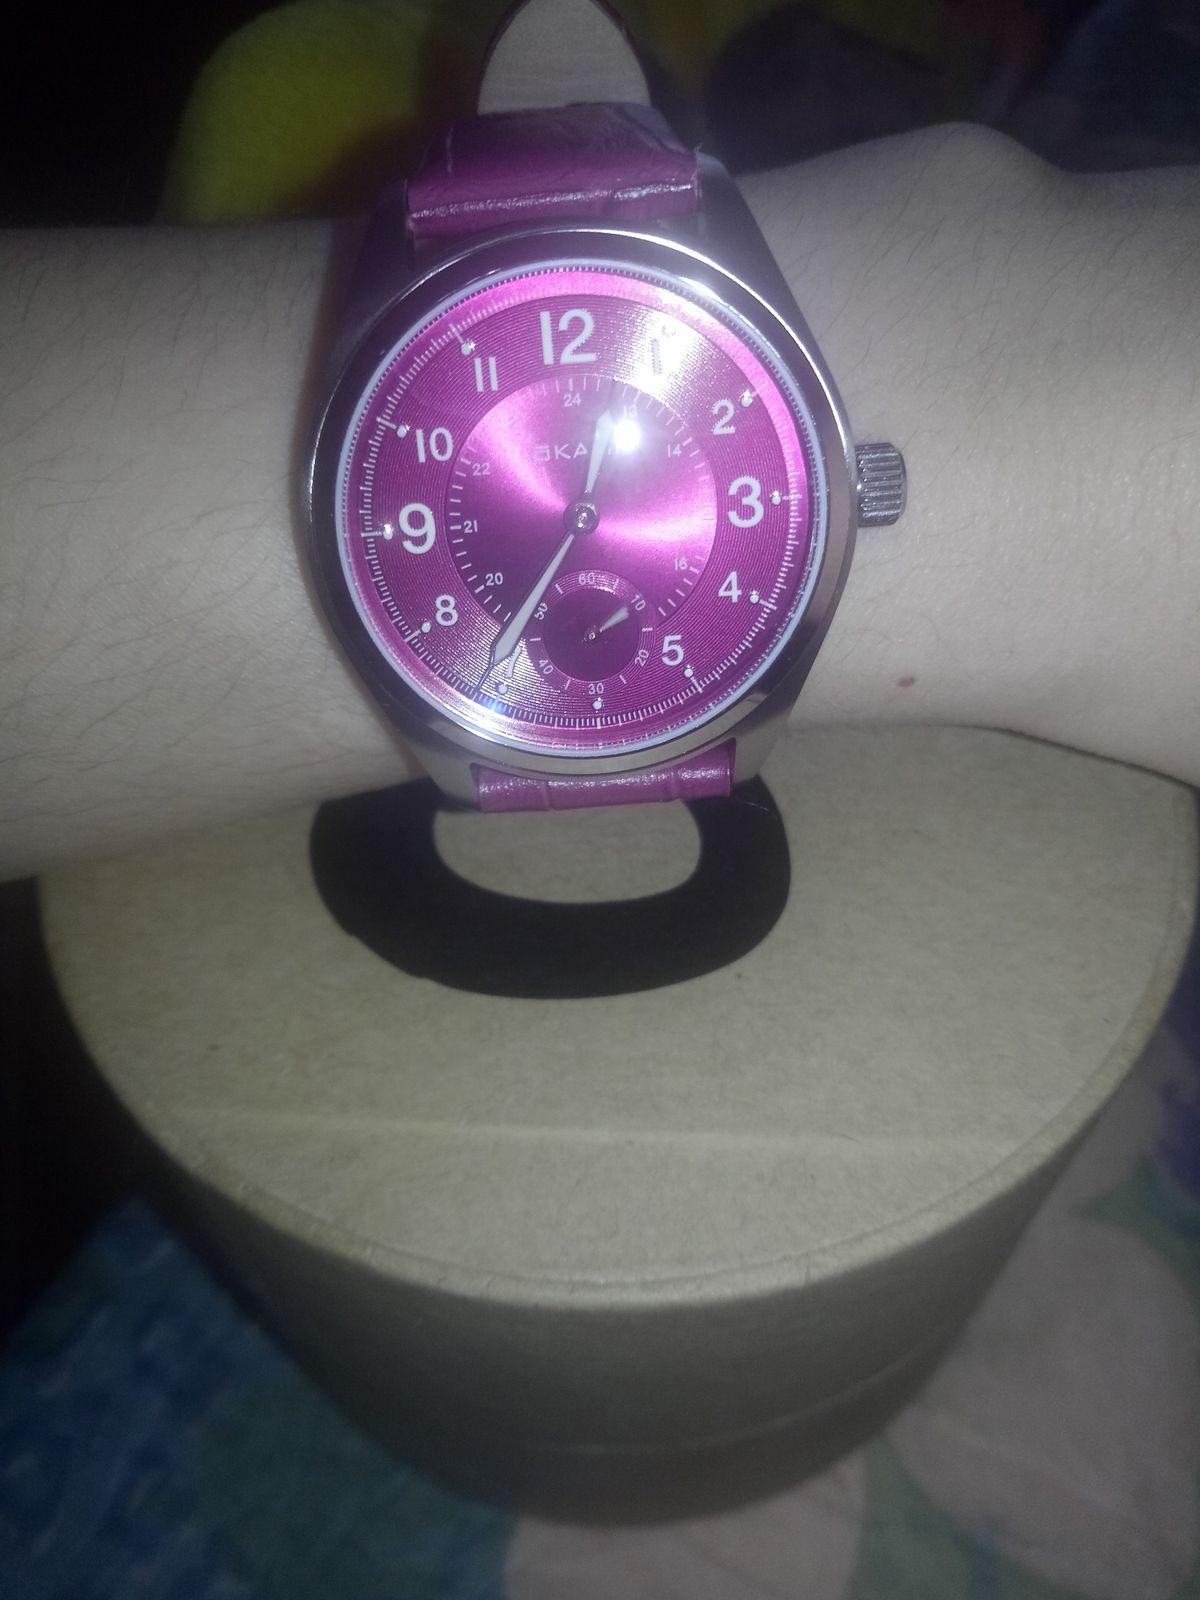 Огромное спасибо за такие замечательные часы, отличный дизайн.